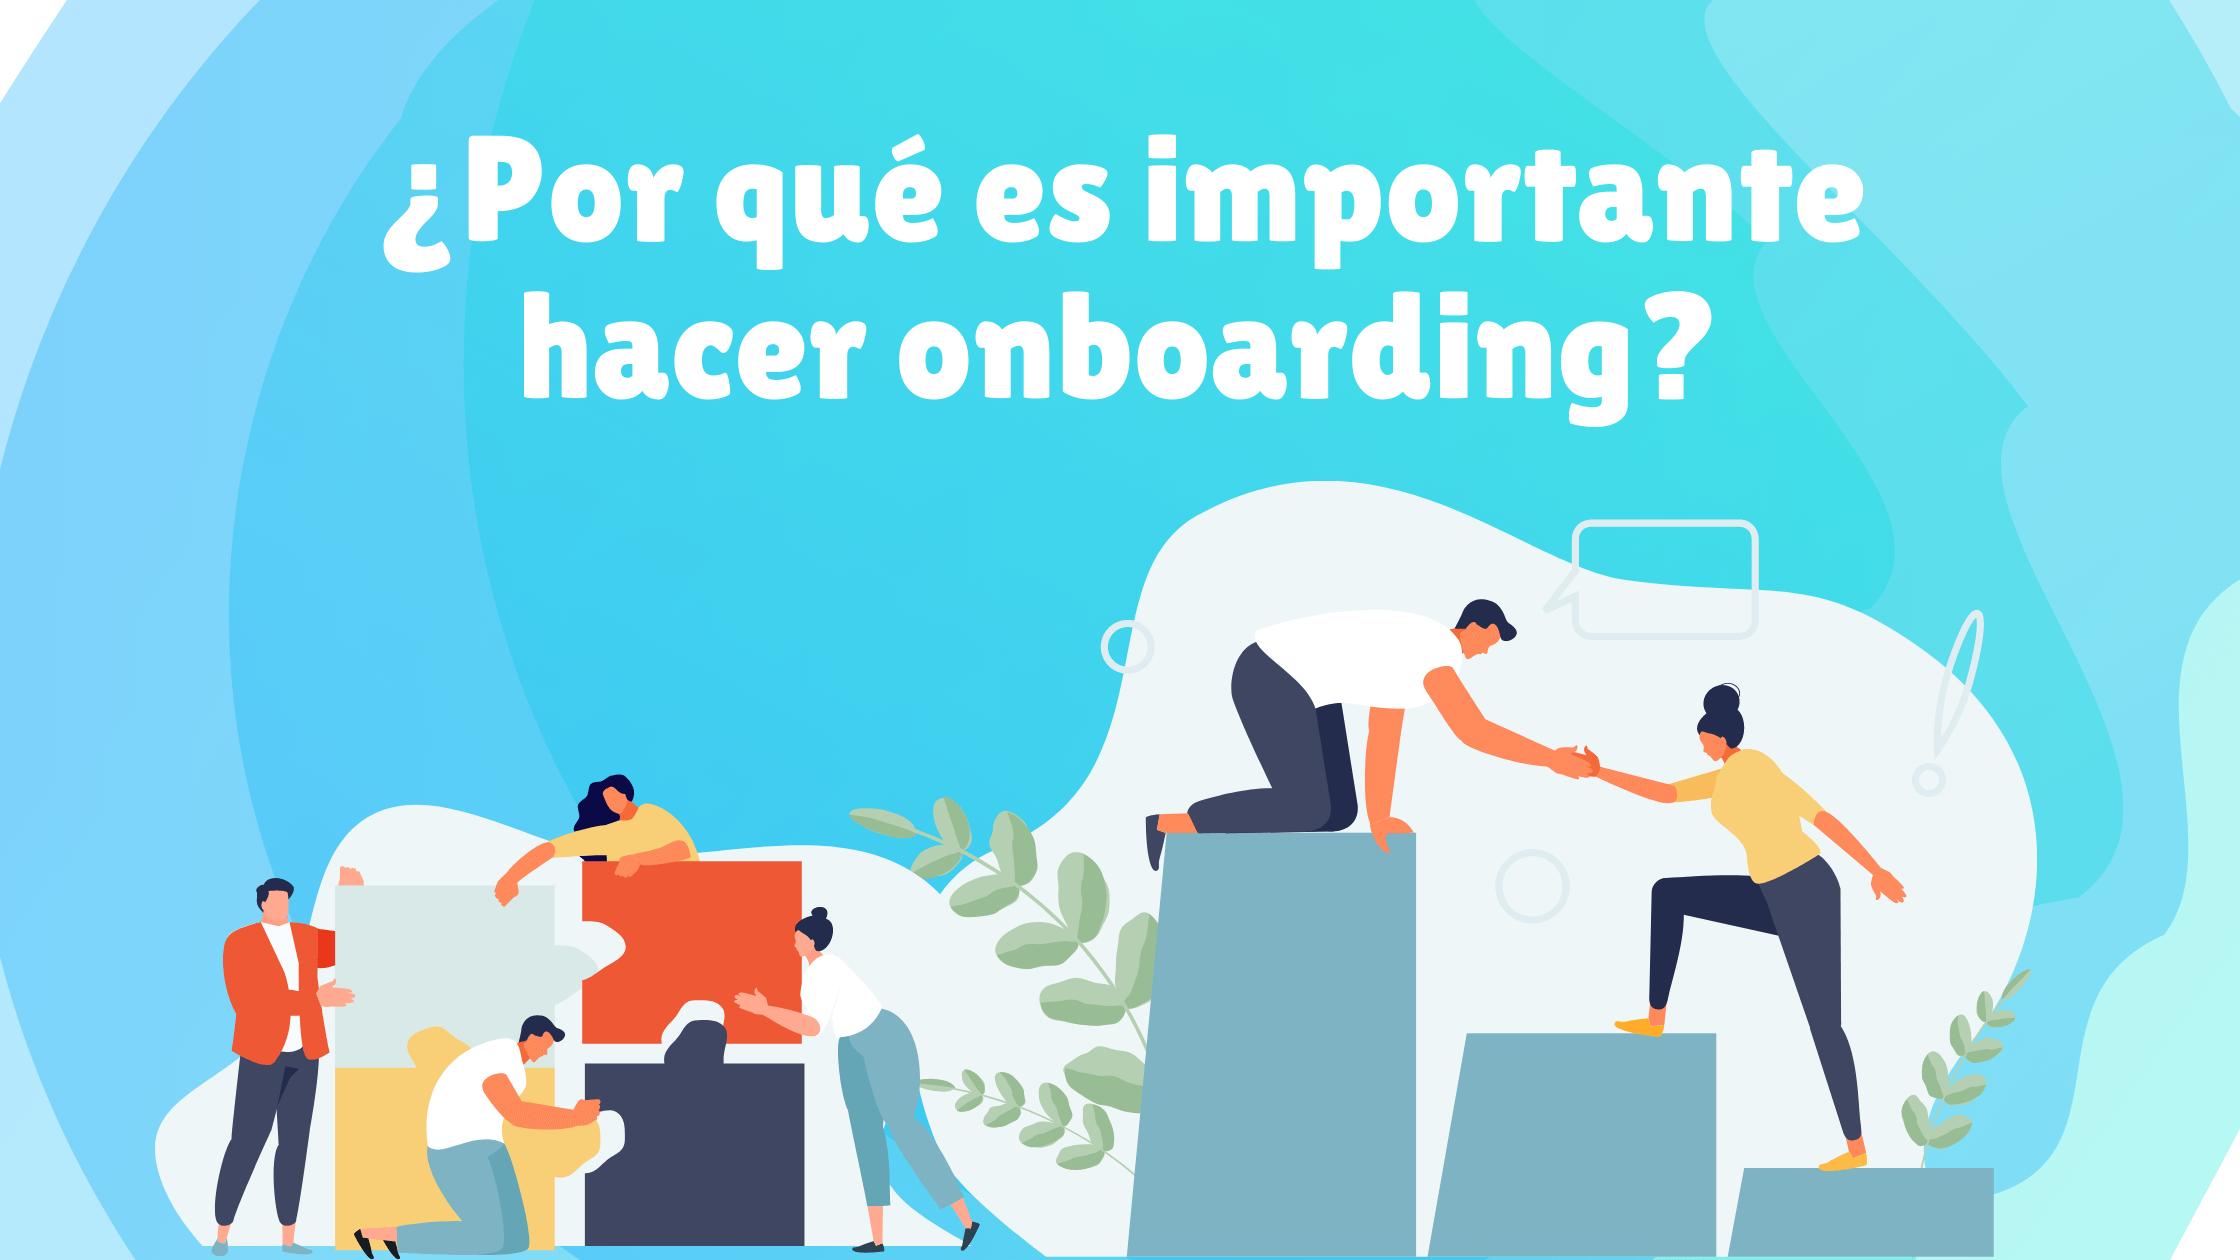 ¿Por qué es importante hacer onboarding?